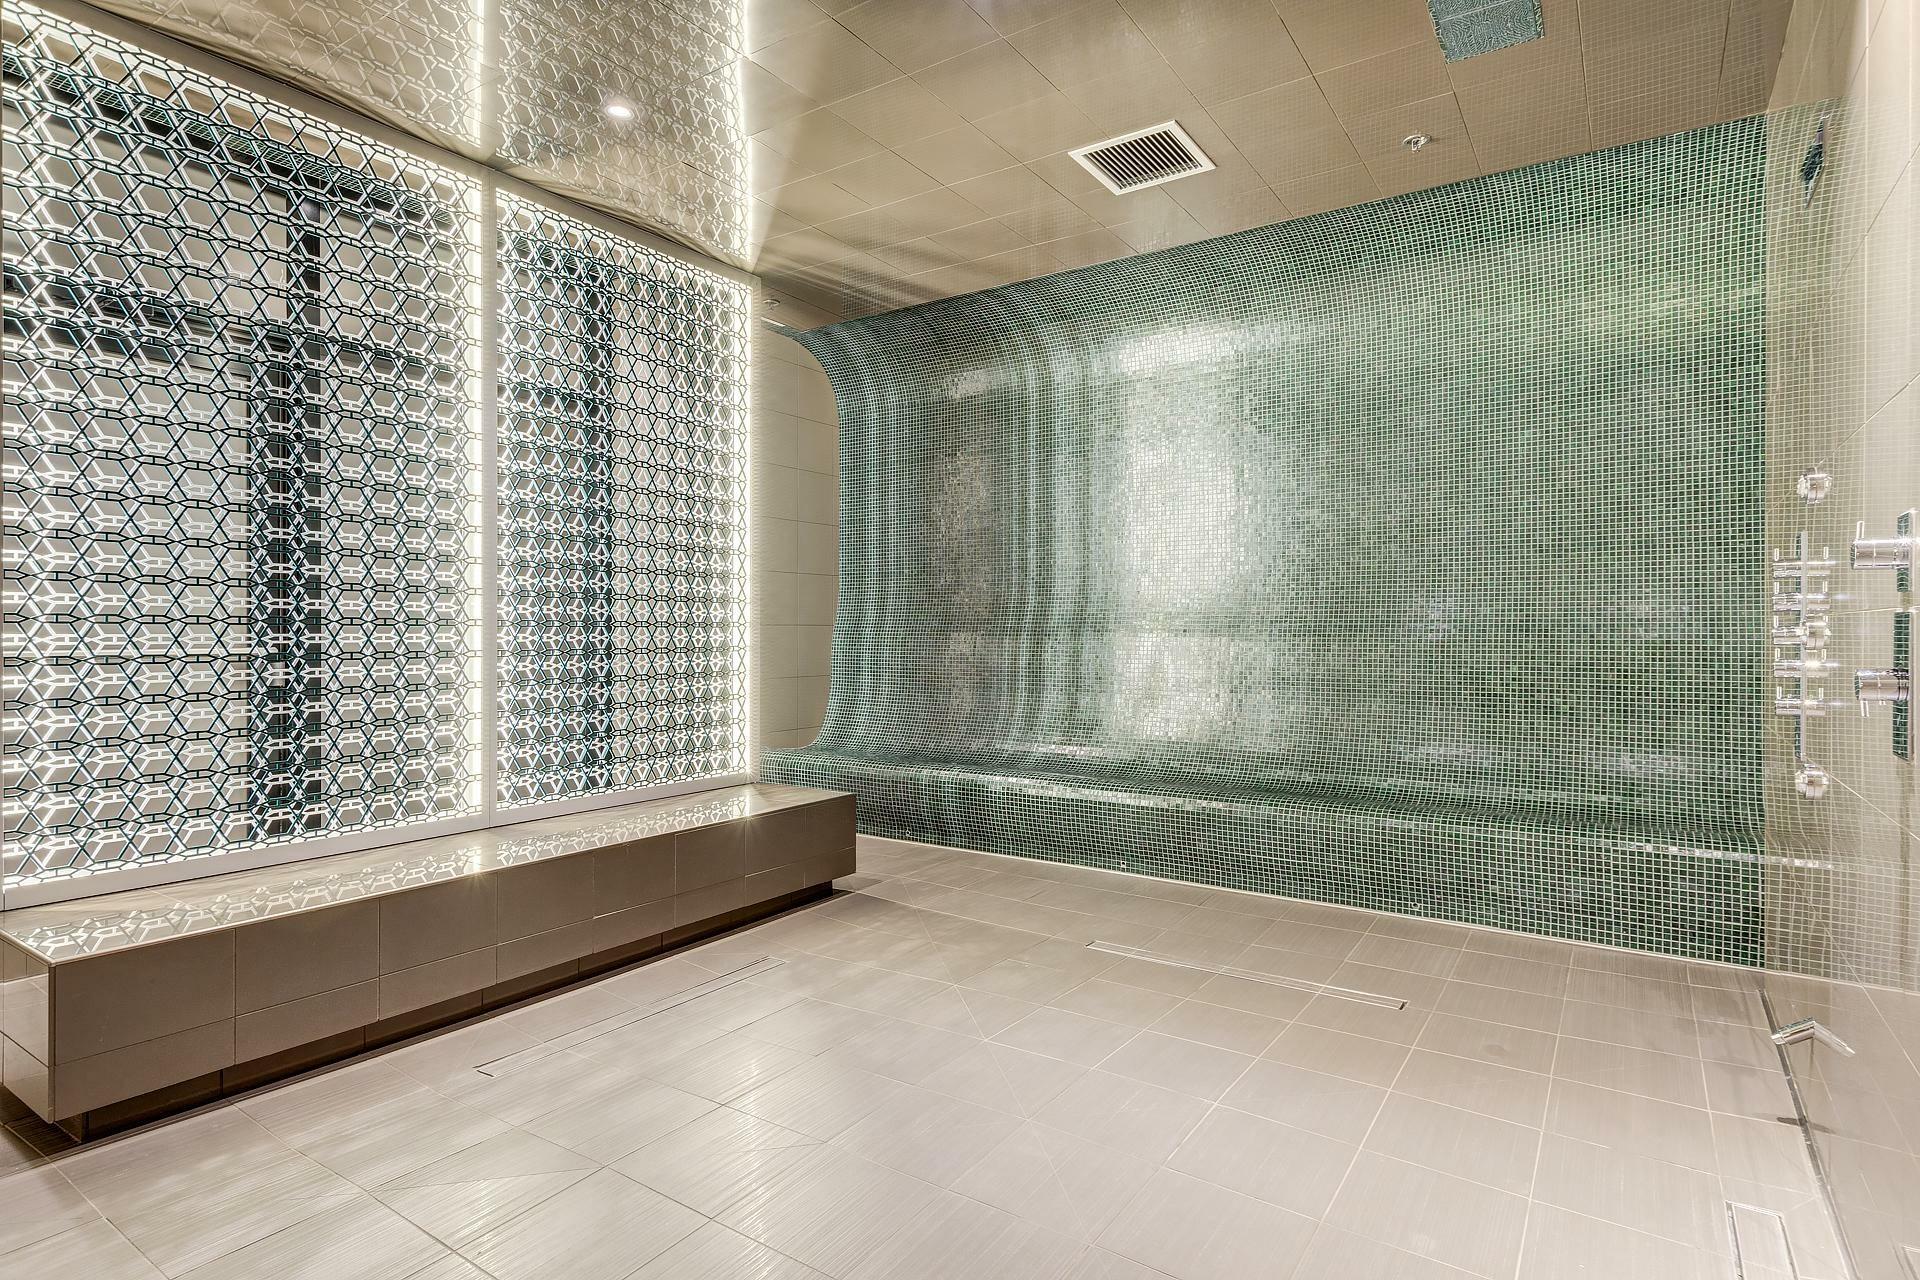 image 19 - Apartment For rent Ville-Marie Montréal  - 4 rooms